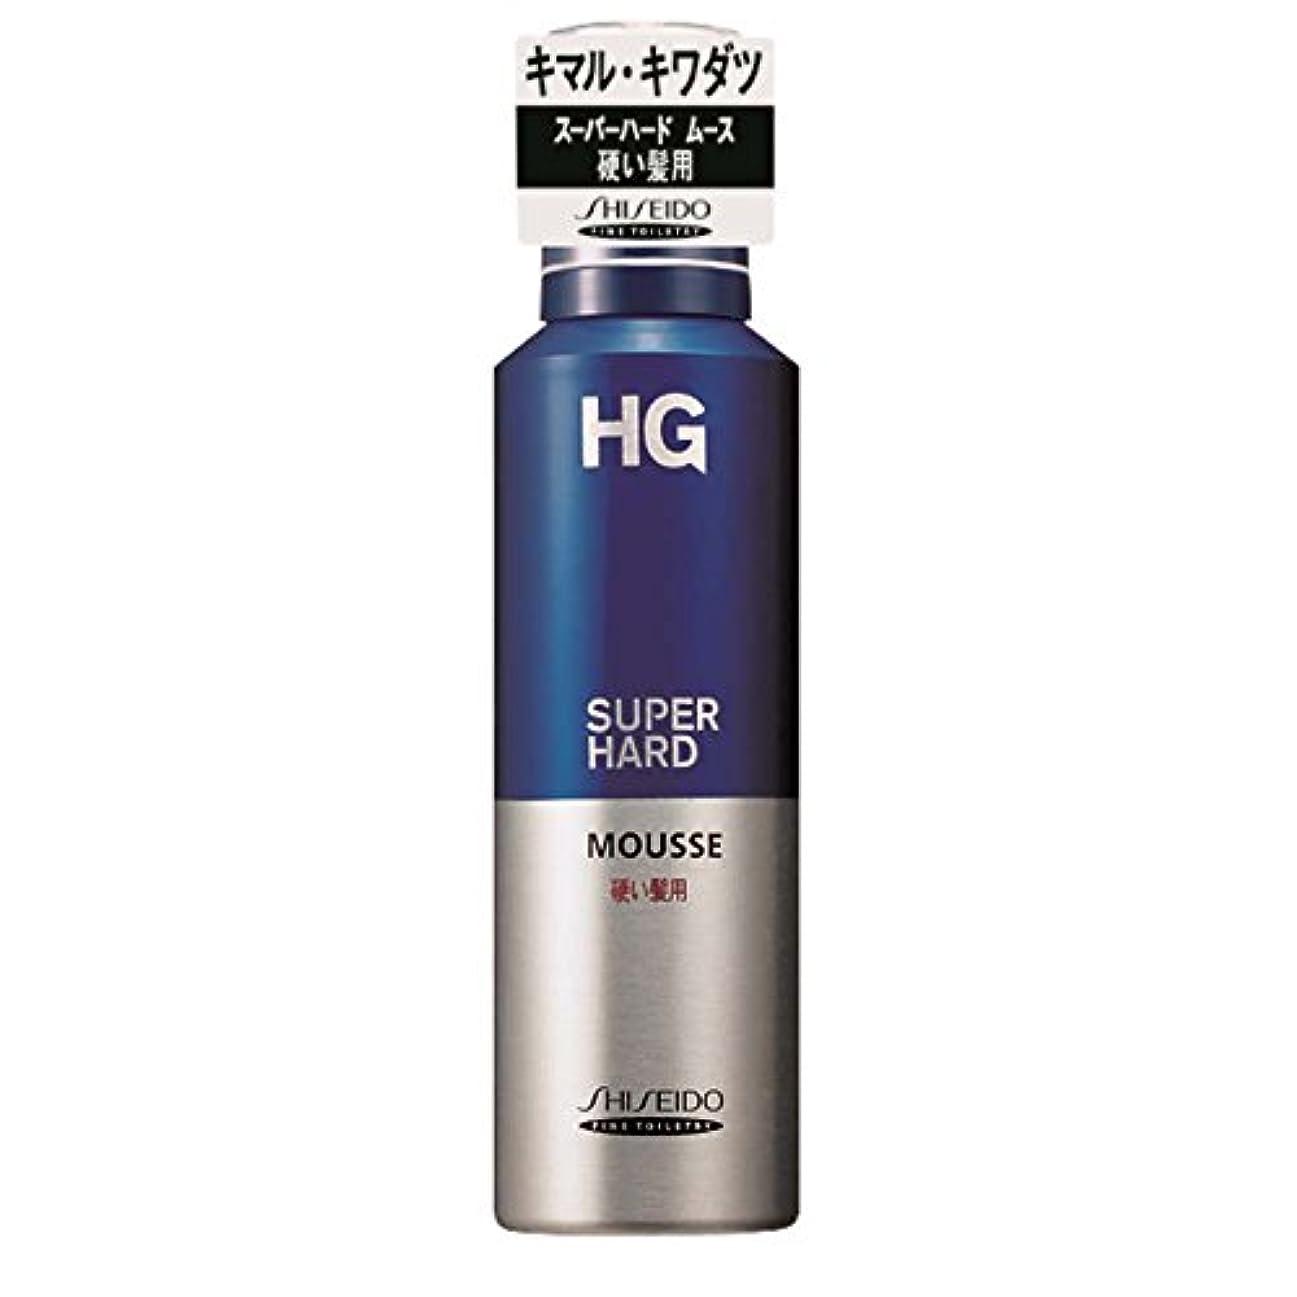 待って権威使い込むHG スーパーハード ムース 硬い髪用 180g